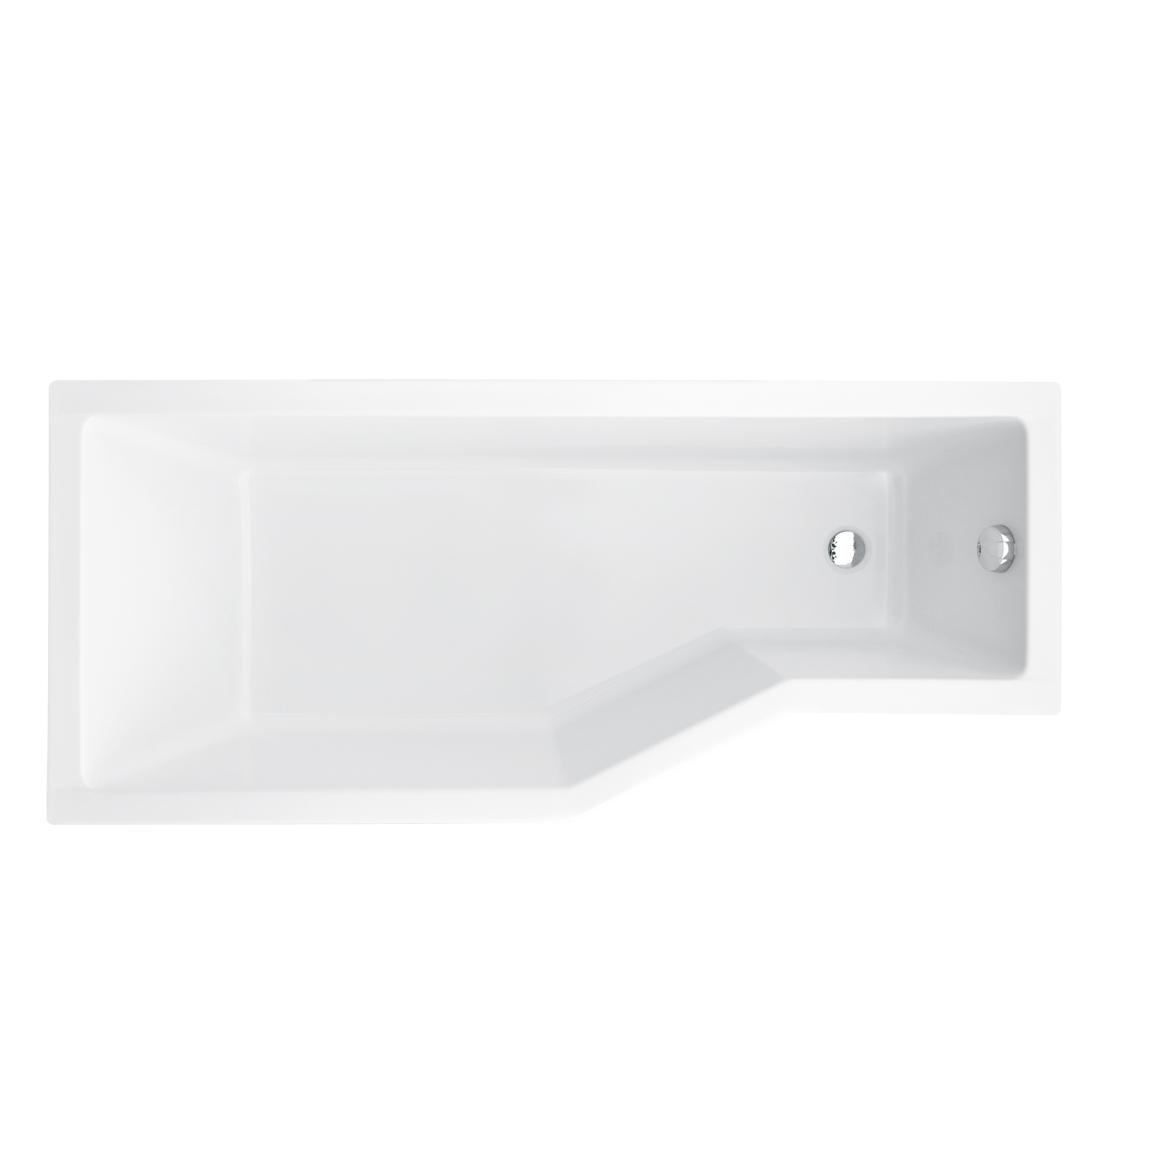 Акриловая ванна Besco Integra 170x75 L акриловая ванна besco bianka 150x95 l